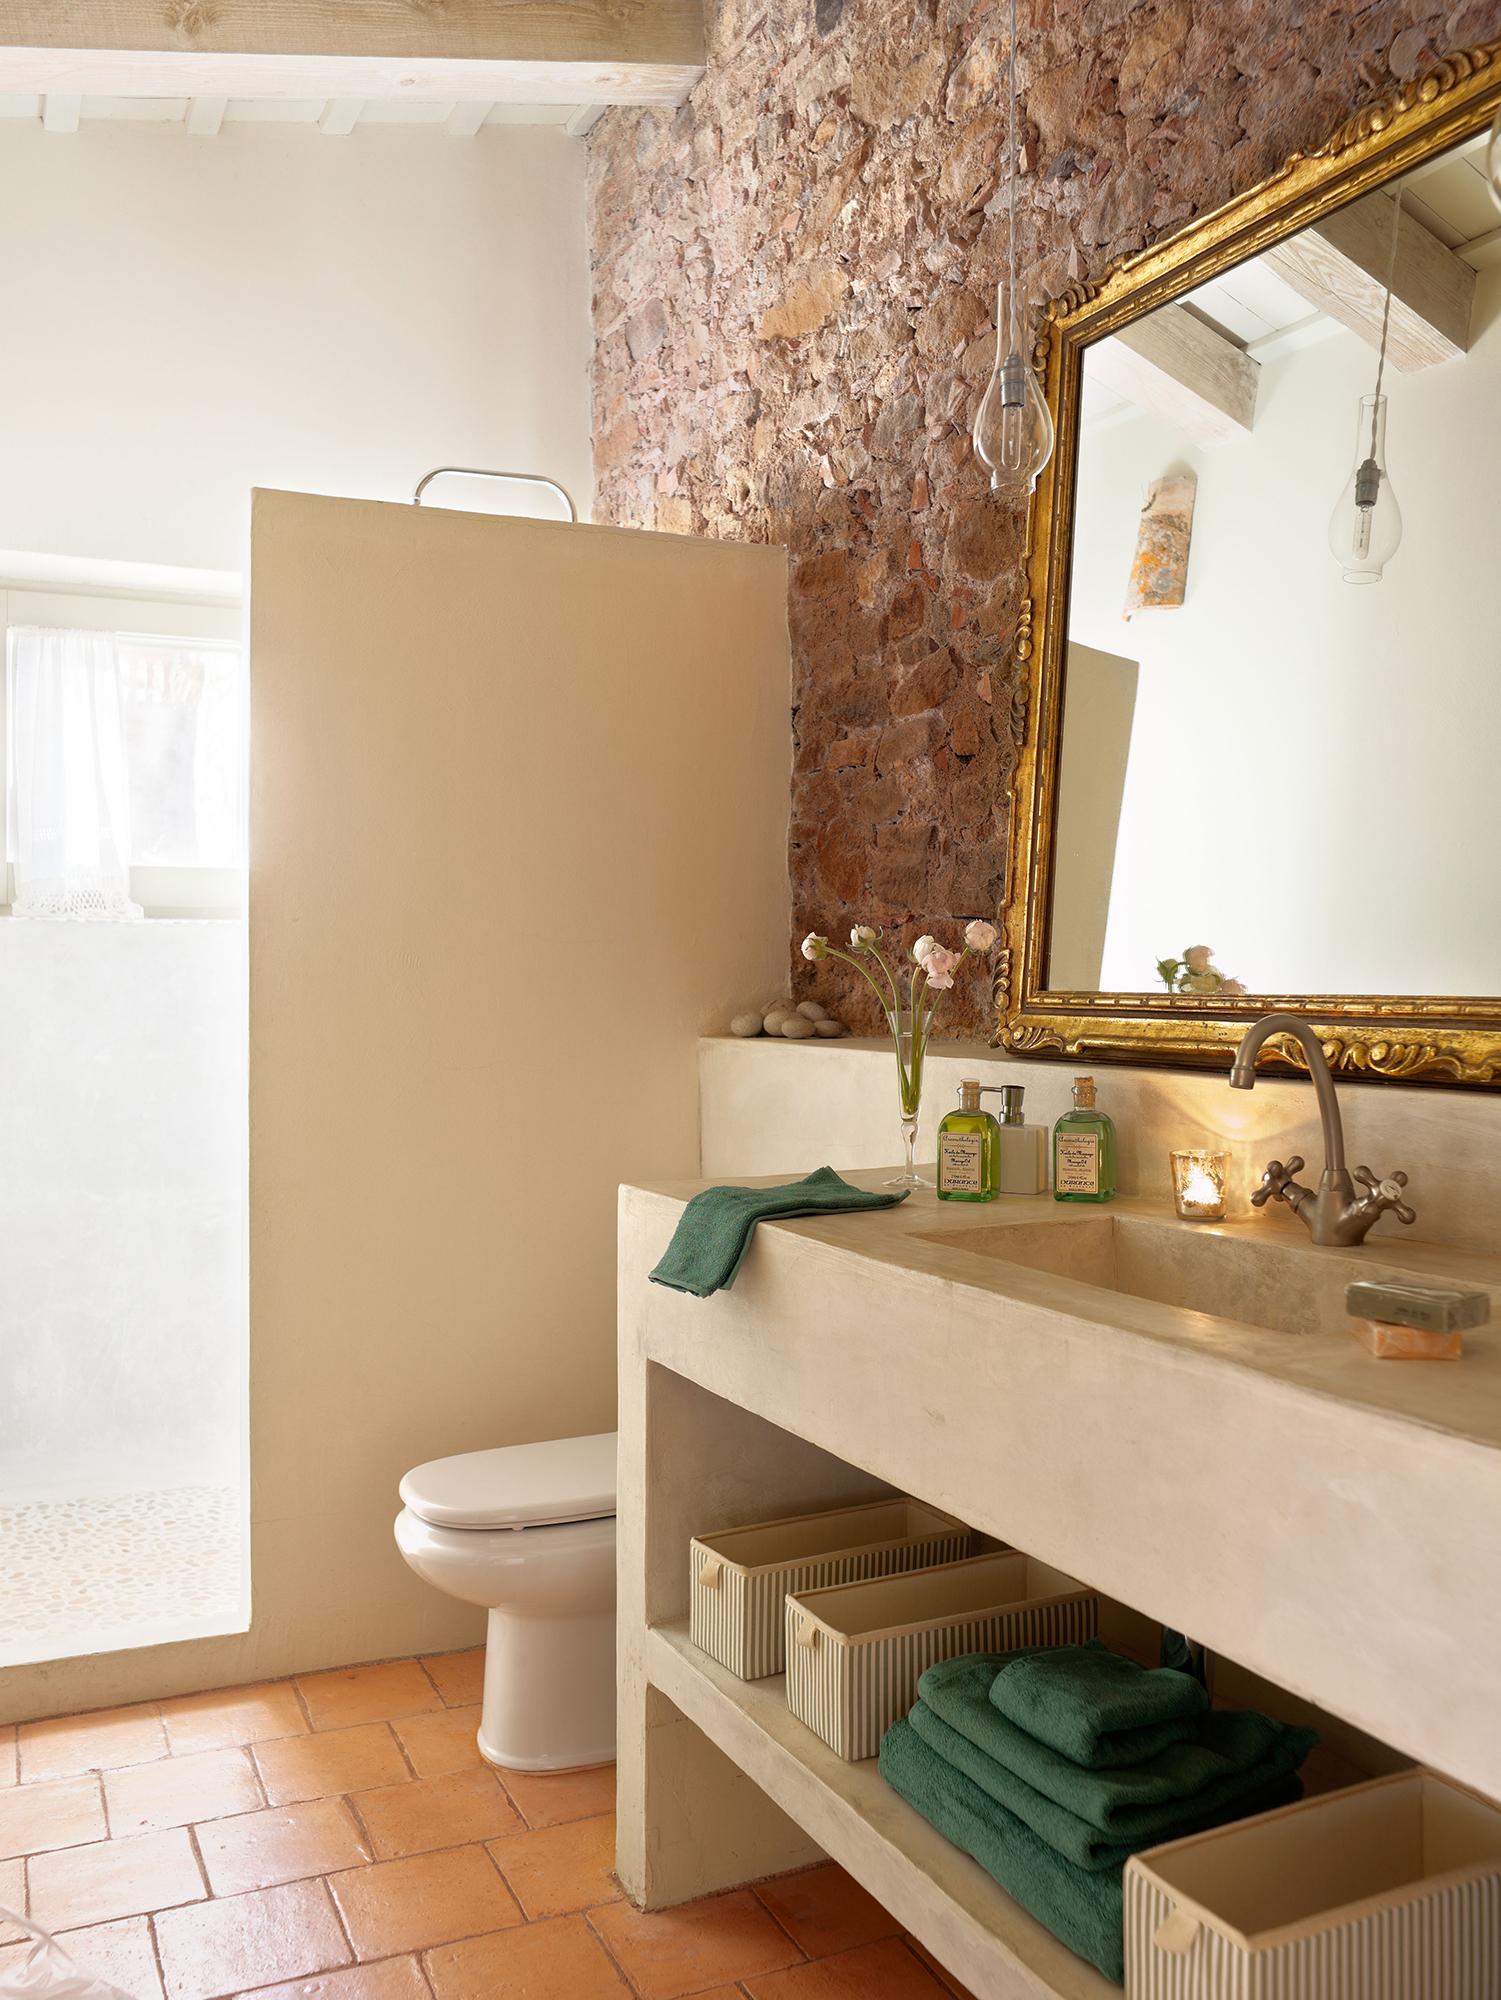 Espejos de ba o 15 dise os de todos los estilos - Mueble de bano antiguo ...